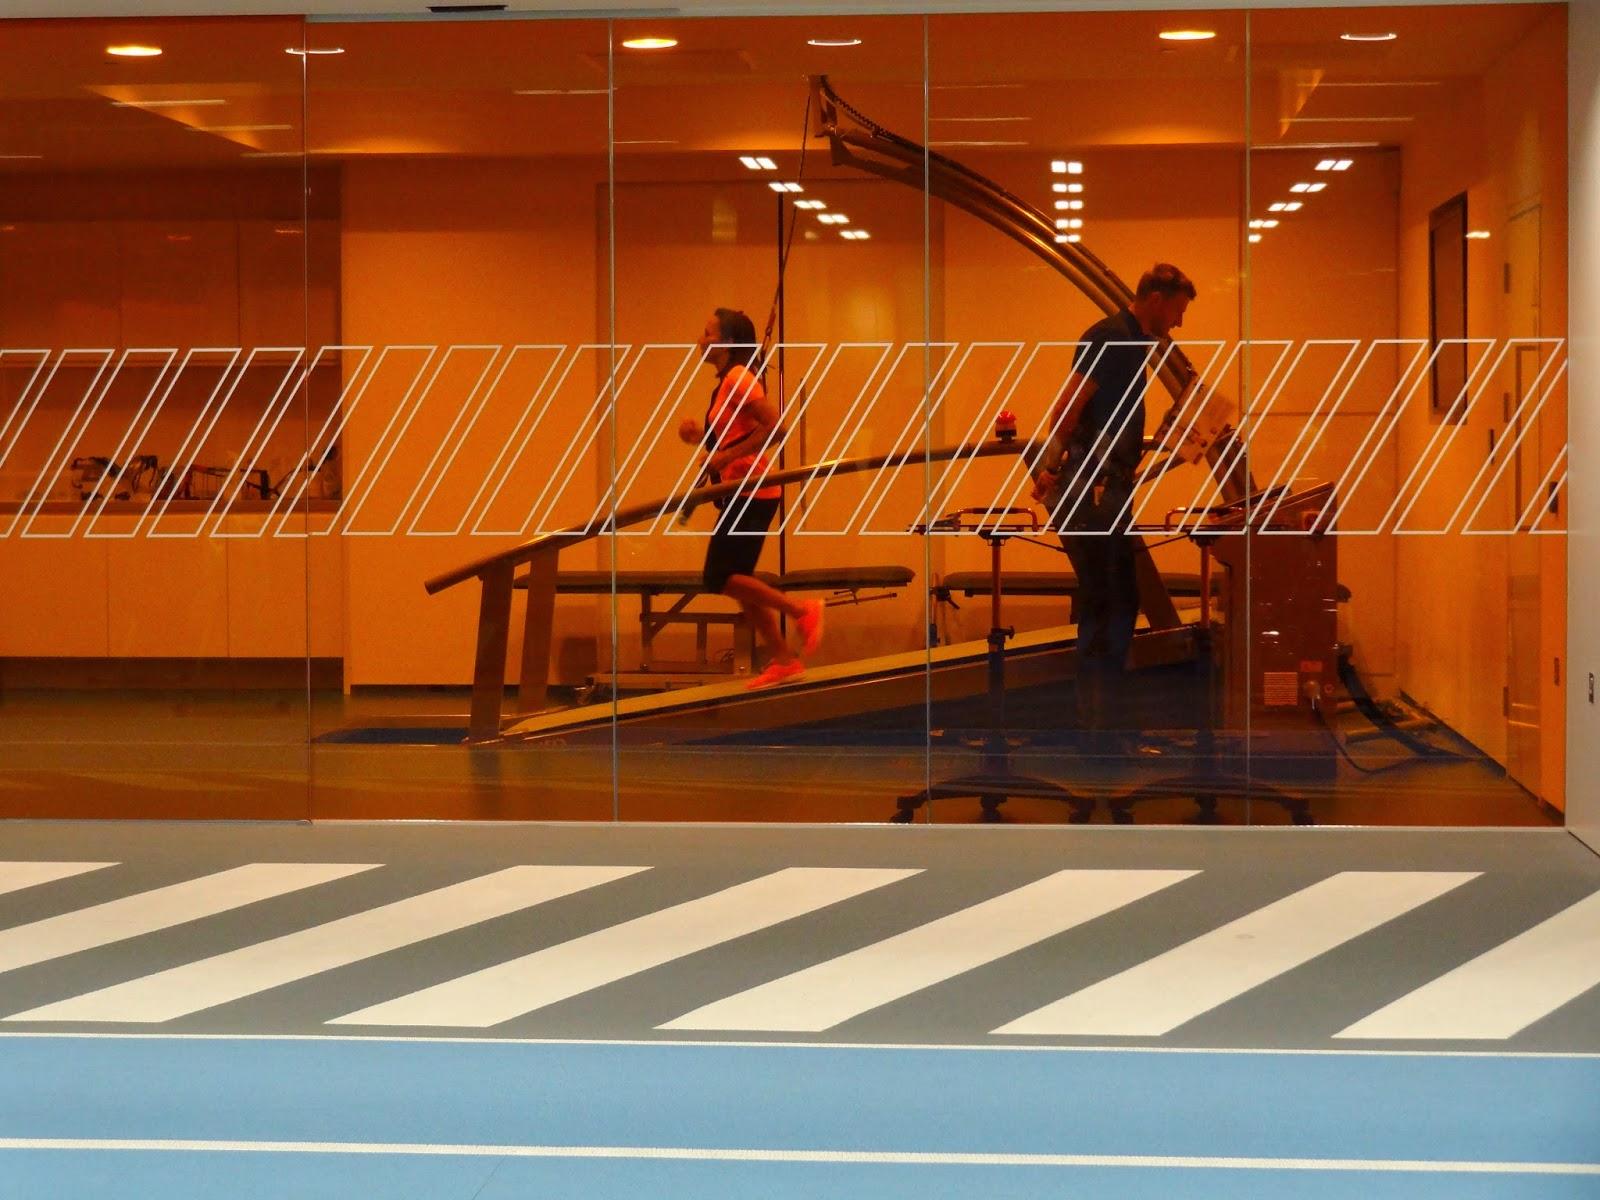 GSK_HPL_Kelly_Treadmill.JPG